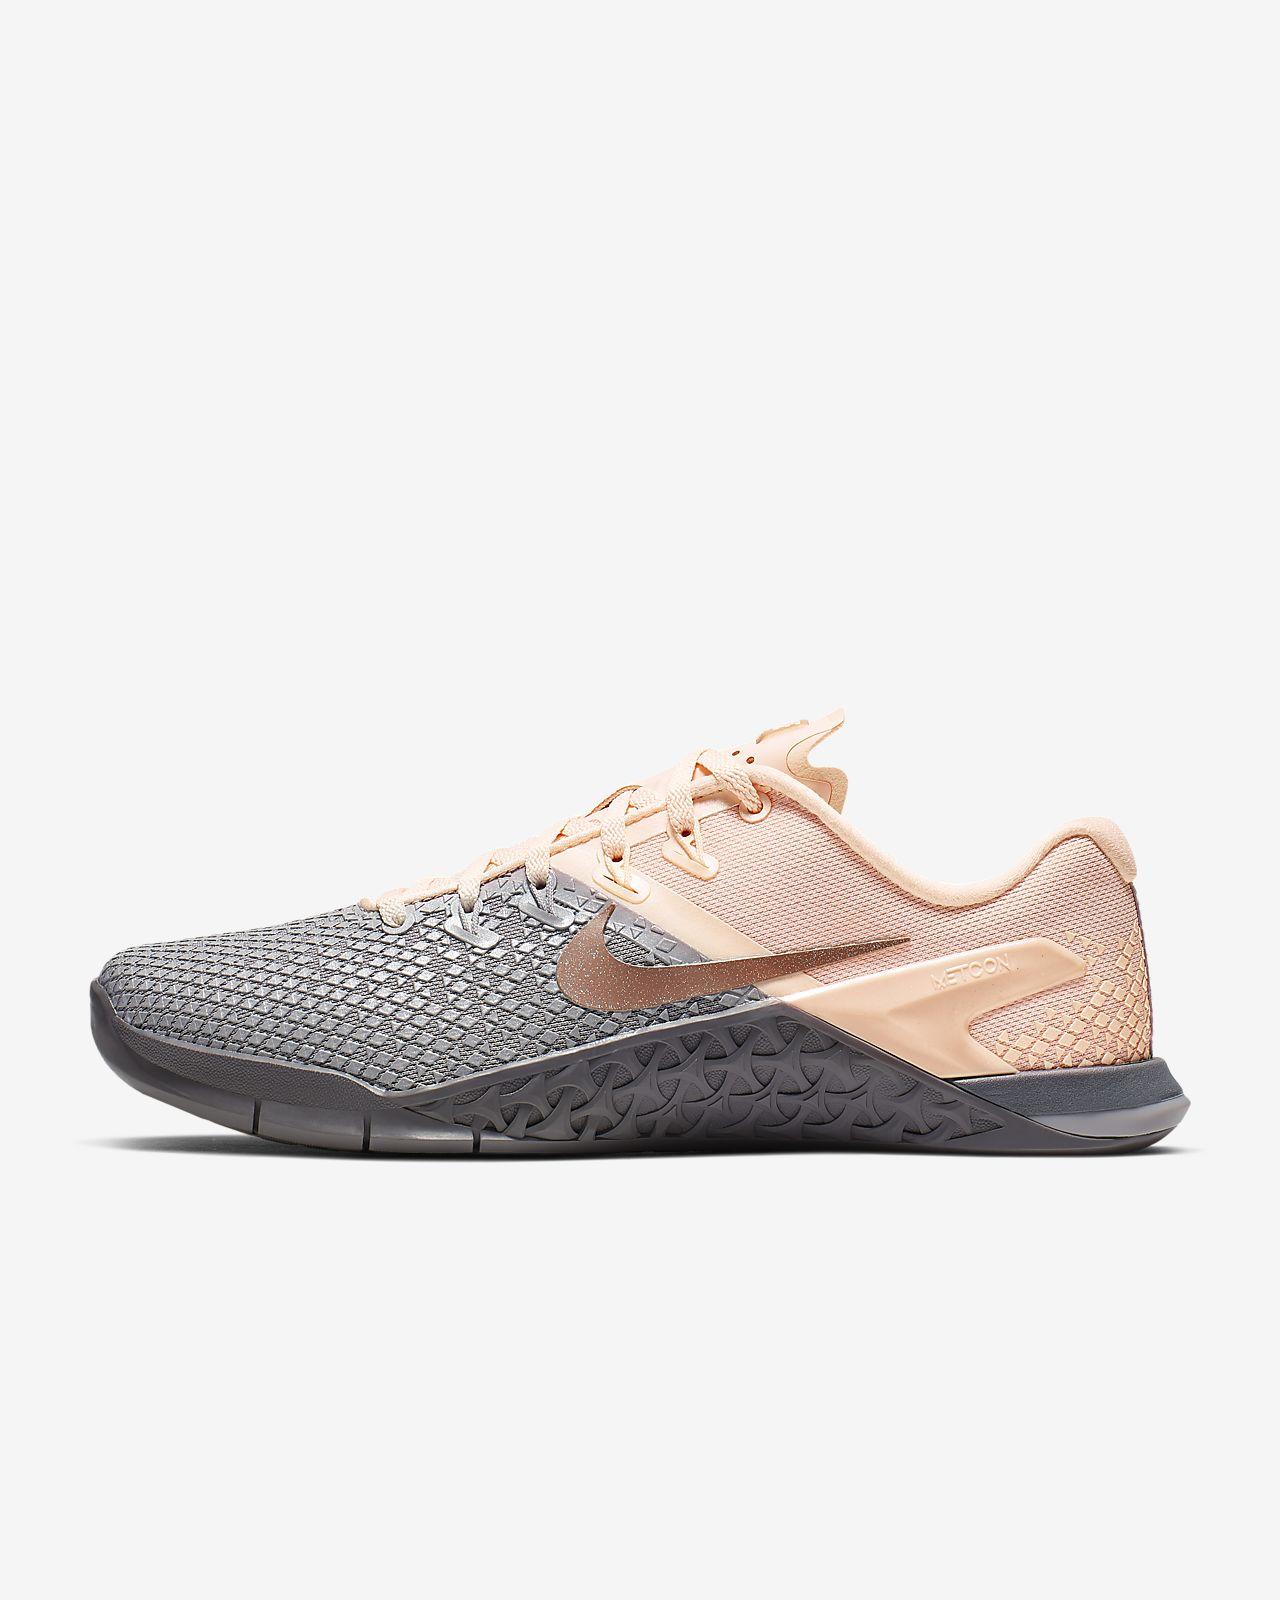 Calzado de cross-training y levantamiento de pesas metálico para mujer Nike Metcon 4 XD